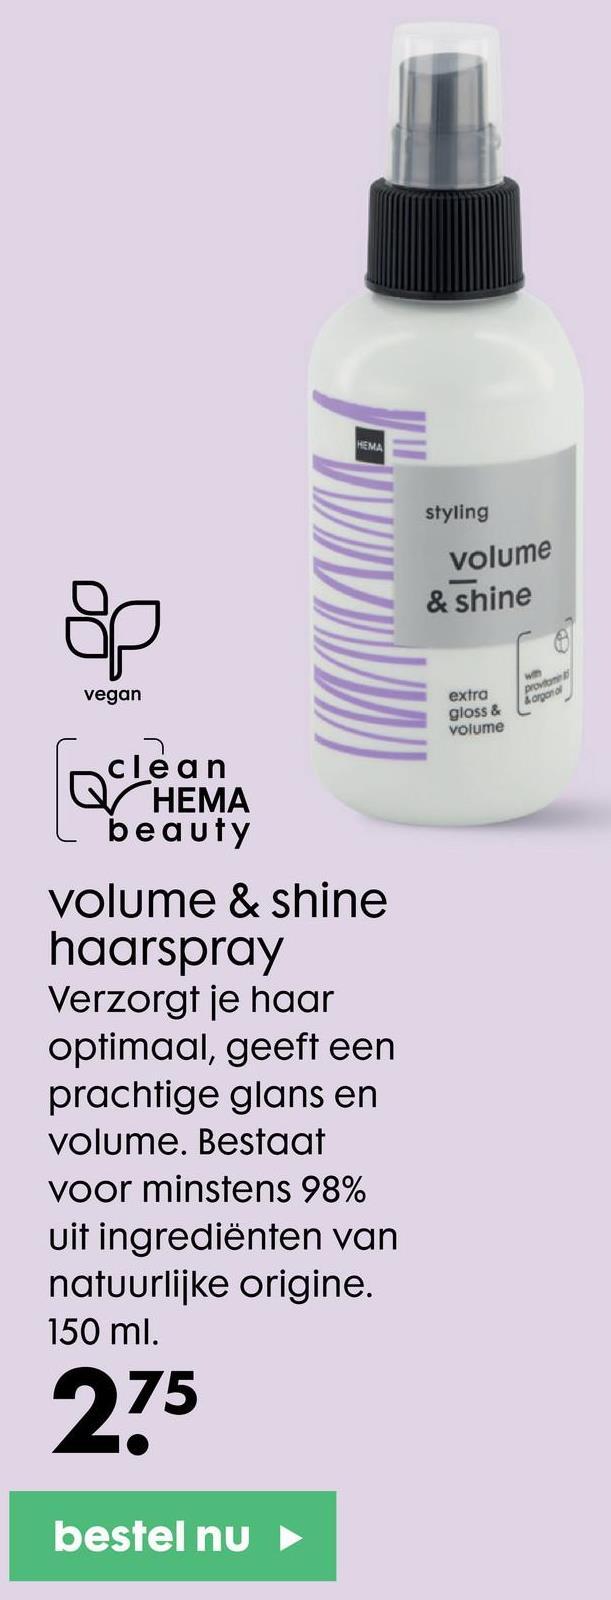 HEMA styling volume & shine vegan w prostor Lapanol extra gloss & volume clean Q HEMA beauty volume & shine haarspray Verzorgt je haar optimaal, geeft een prachtige glans en volume. Bestaat voor minstens 98% uit ingrediënten van natuurlijke origine. 150 ml. 75 bestel nu